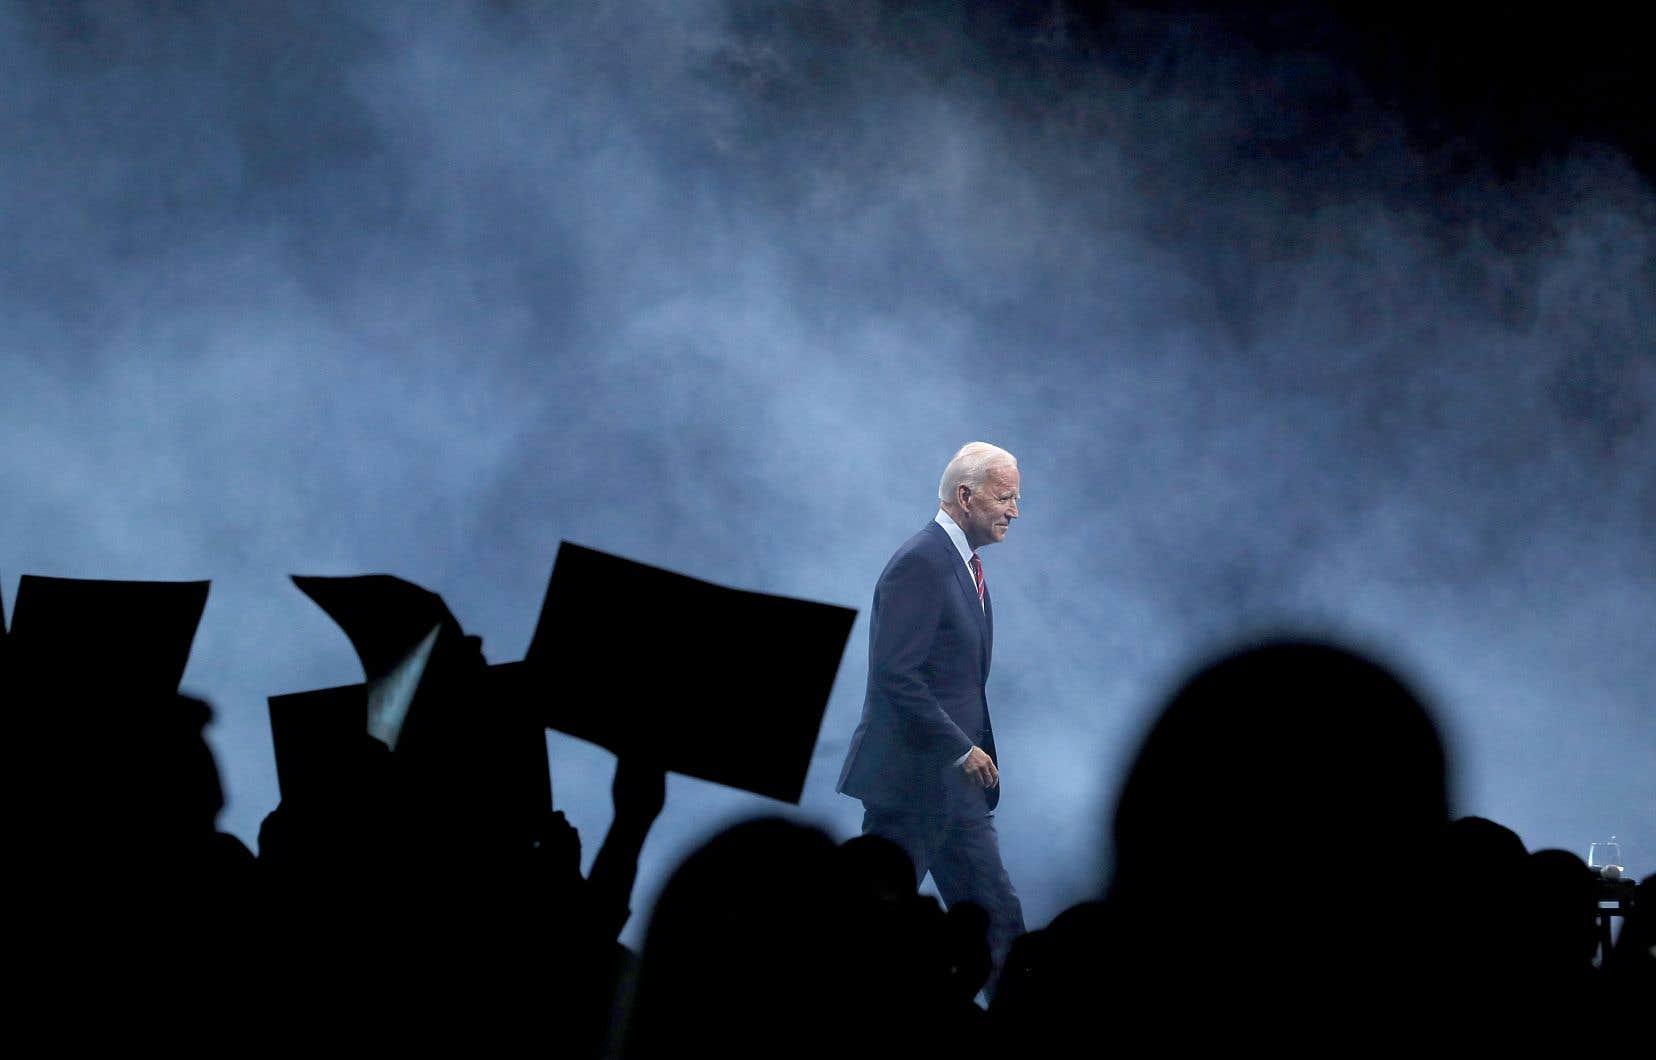 Le candidat démocrate Joe Biden a répété plusieurs fois que ce que son accusatrice dénonce «n'est jamais arrivé».